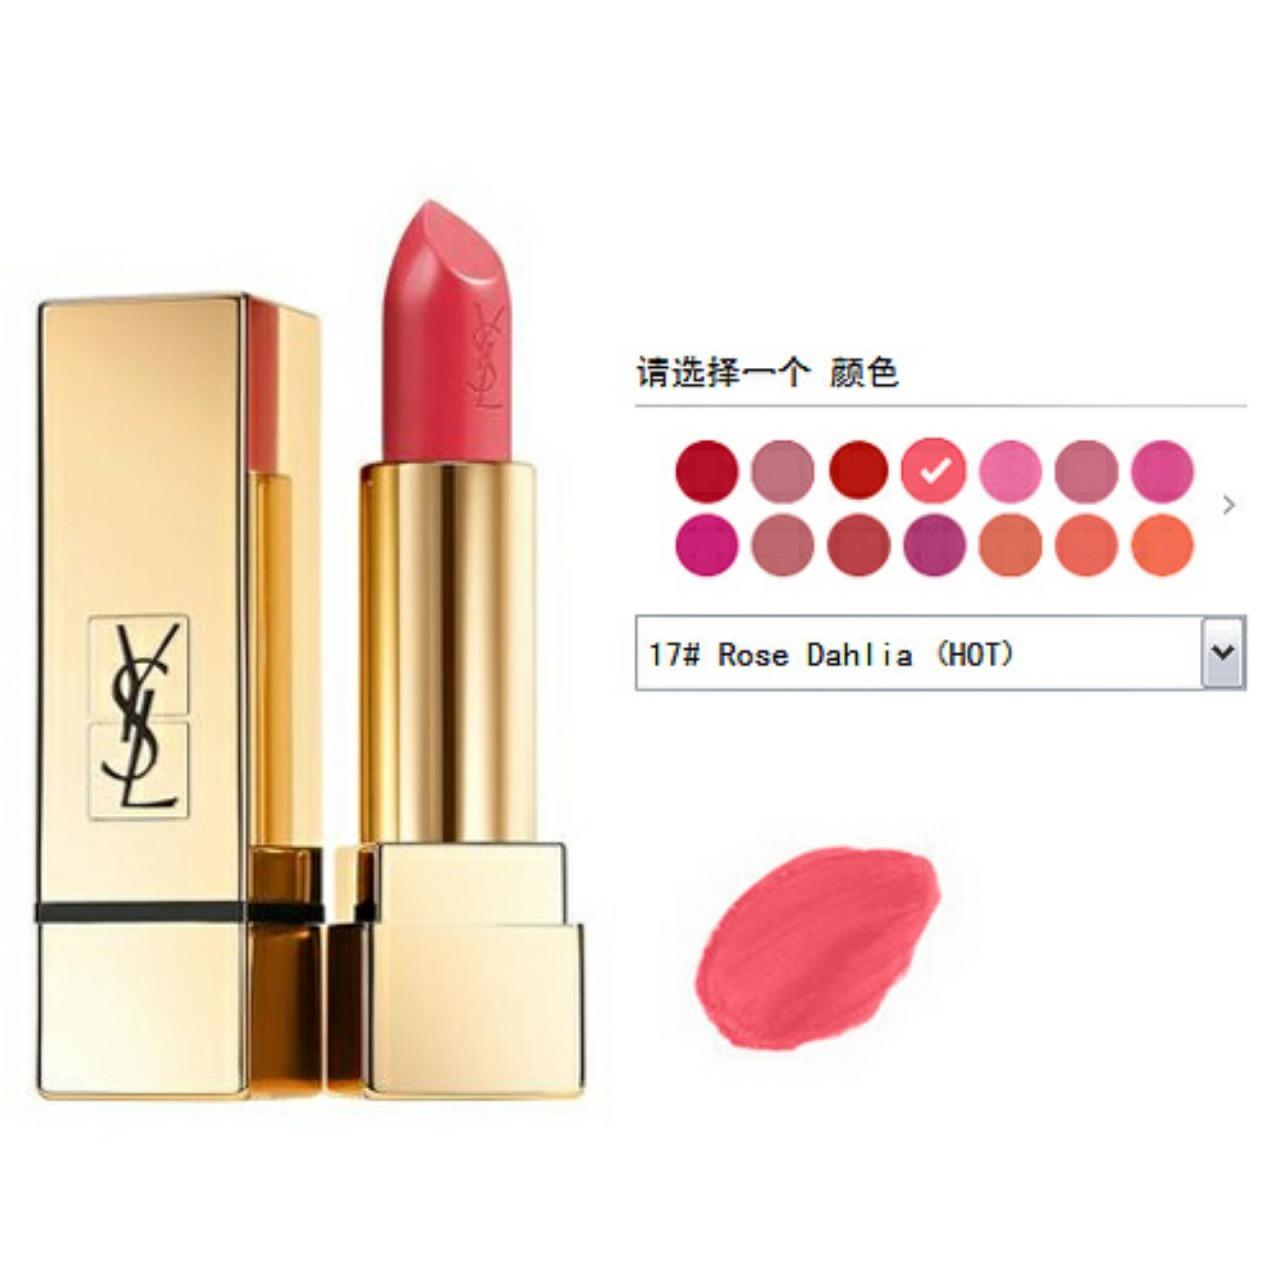 彩妆 唇彩 唇膏 化妆品 口红 润唇膏 1280_1280